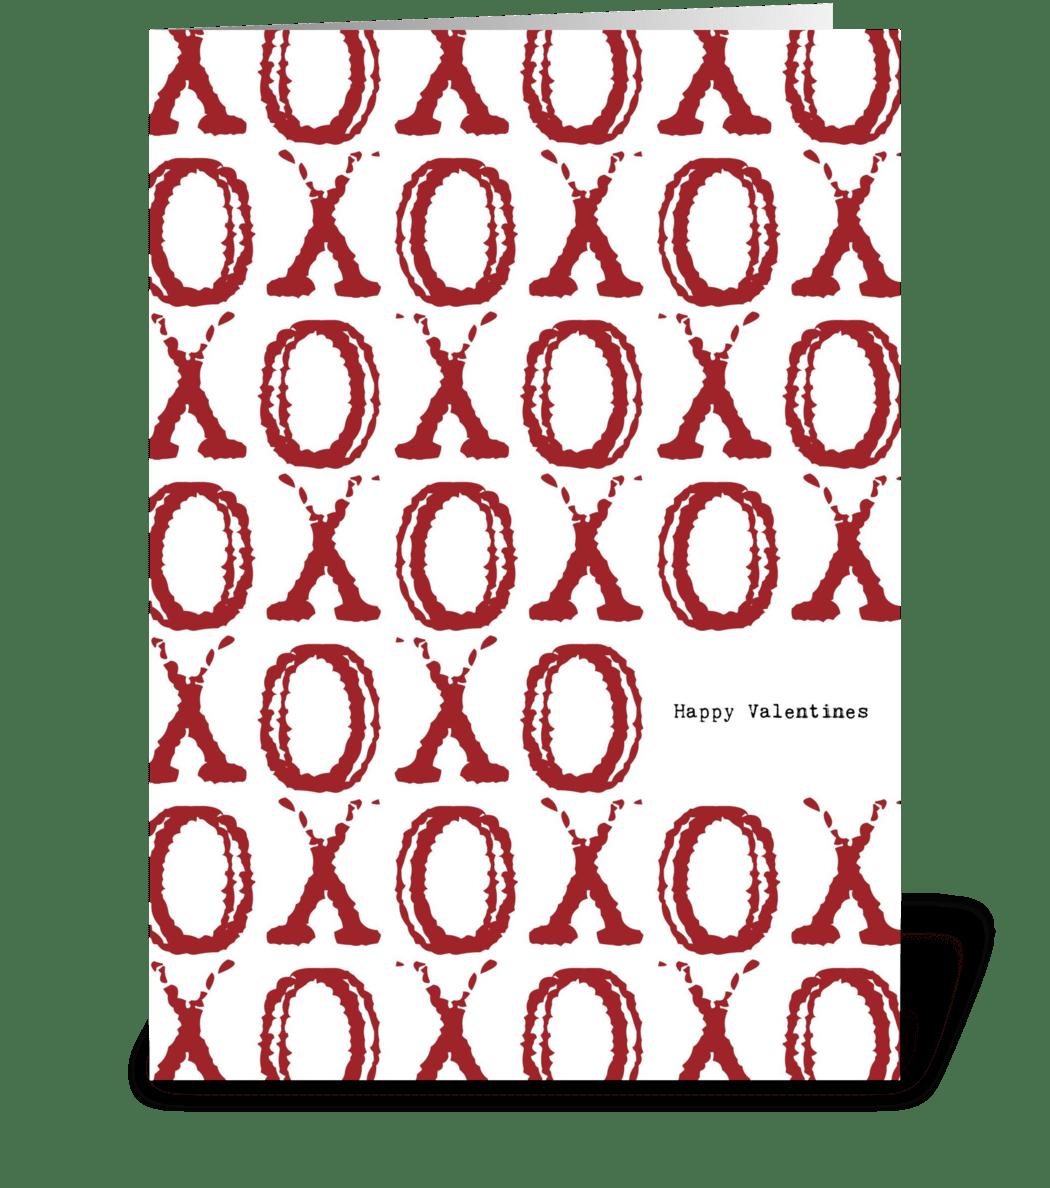 xoxo hugs  u0026 kisses valentine u0026 39 s day